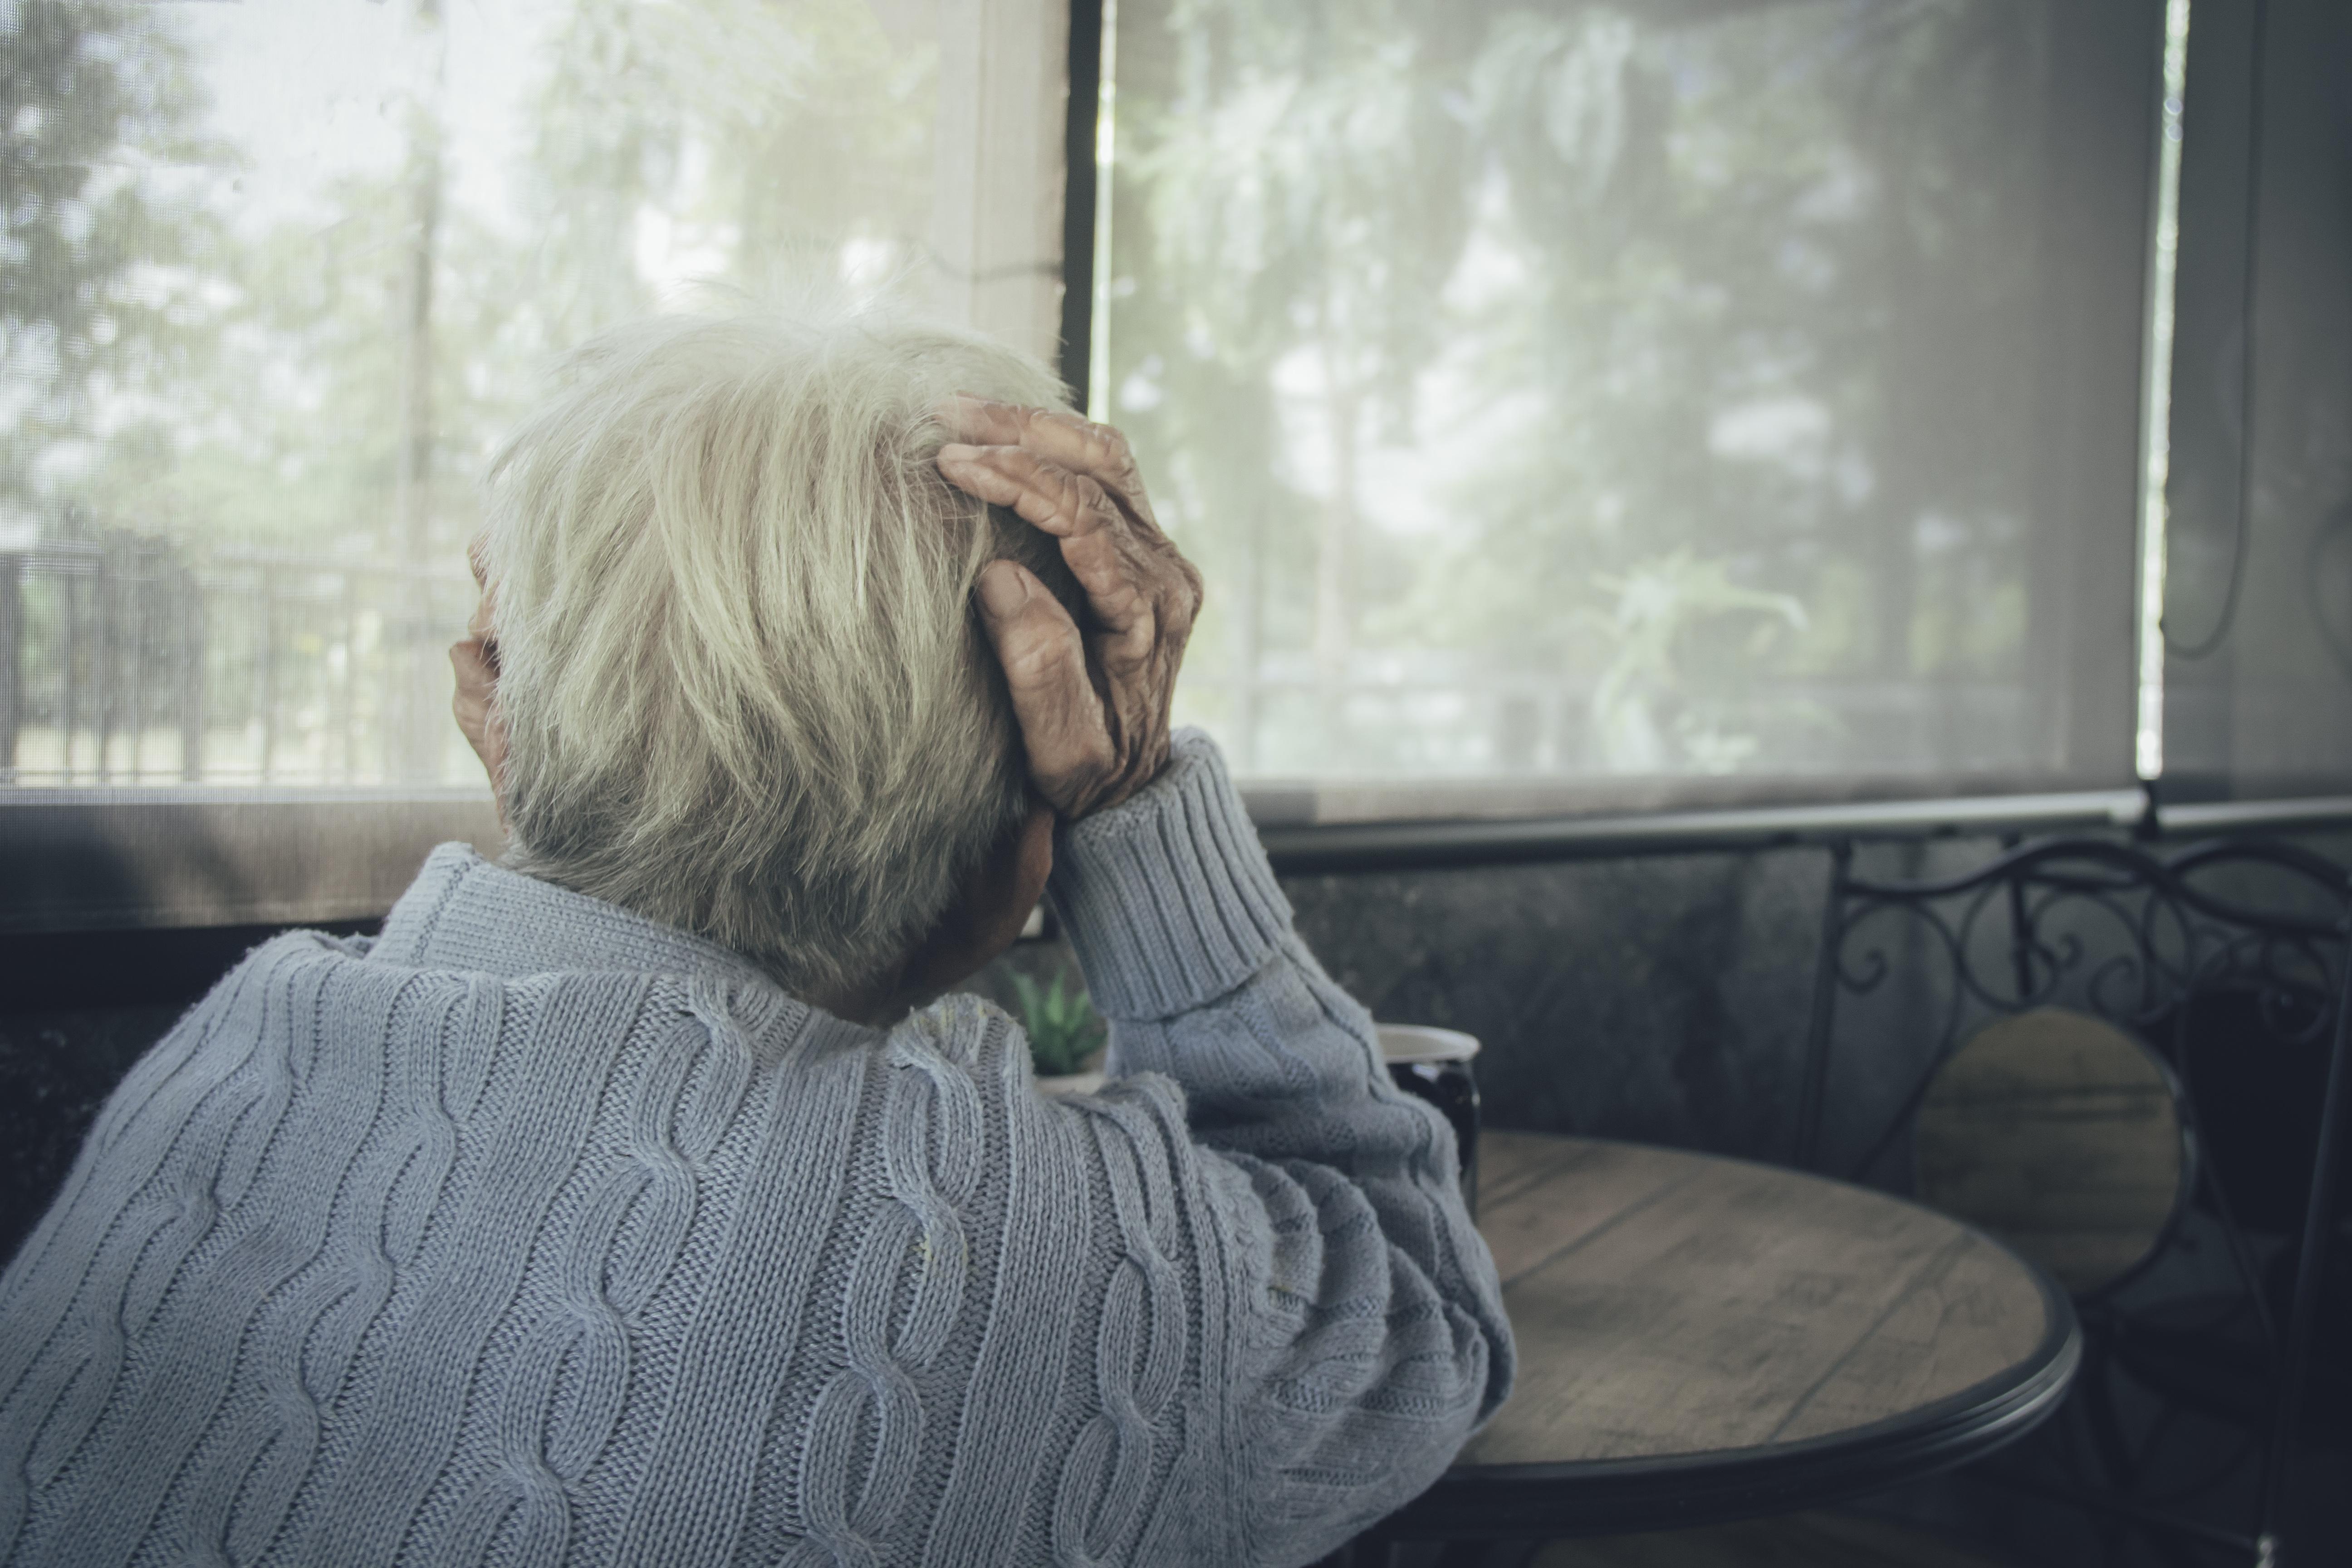 Comment la population et notamment les plus âgés font-ils face aux effets du COVID-19 sur la santé mentale ? (Visuel Adobe Stock 315682169)